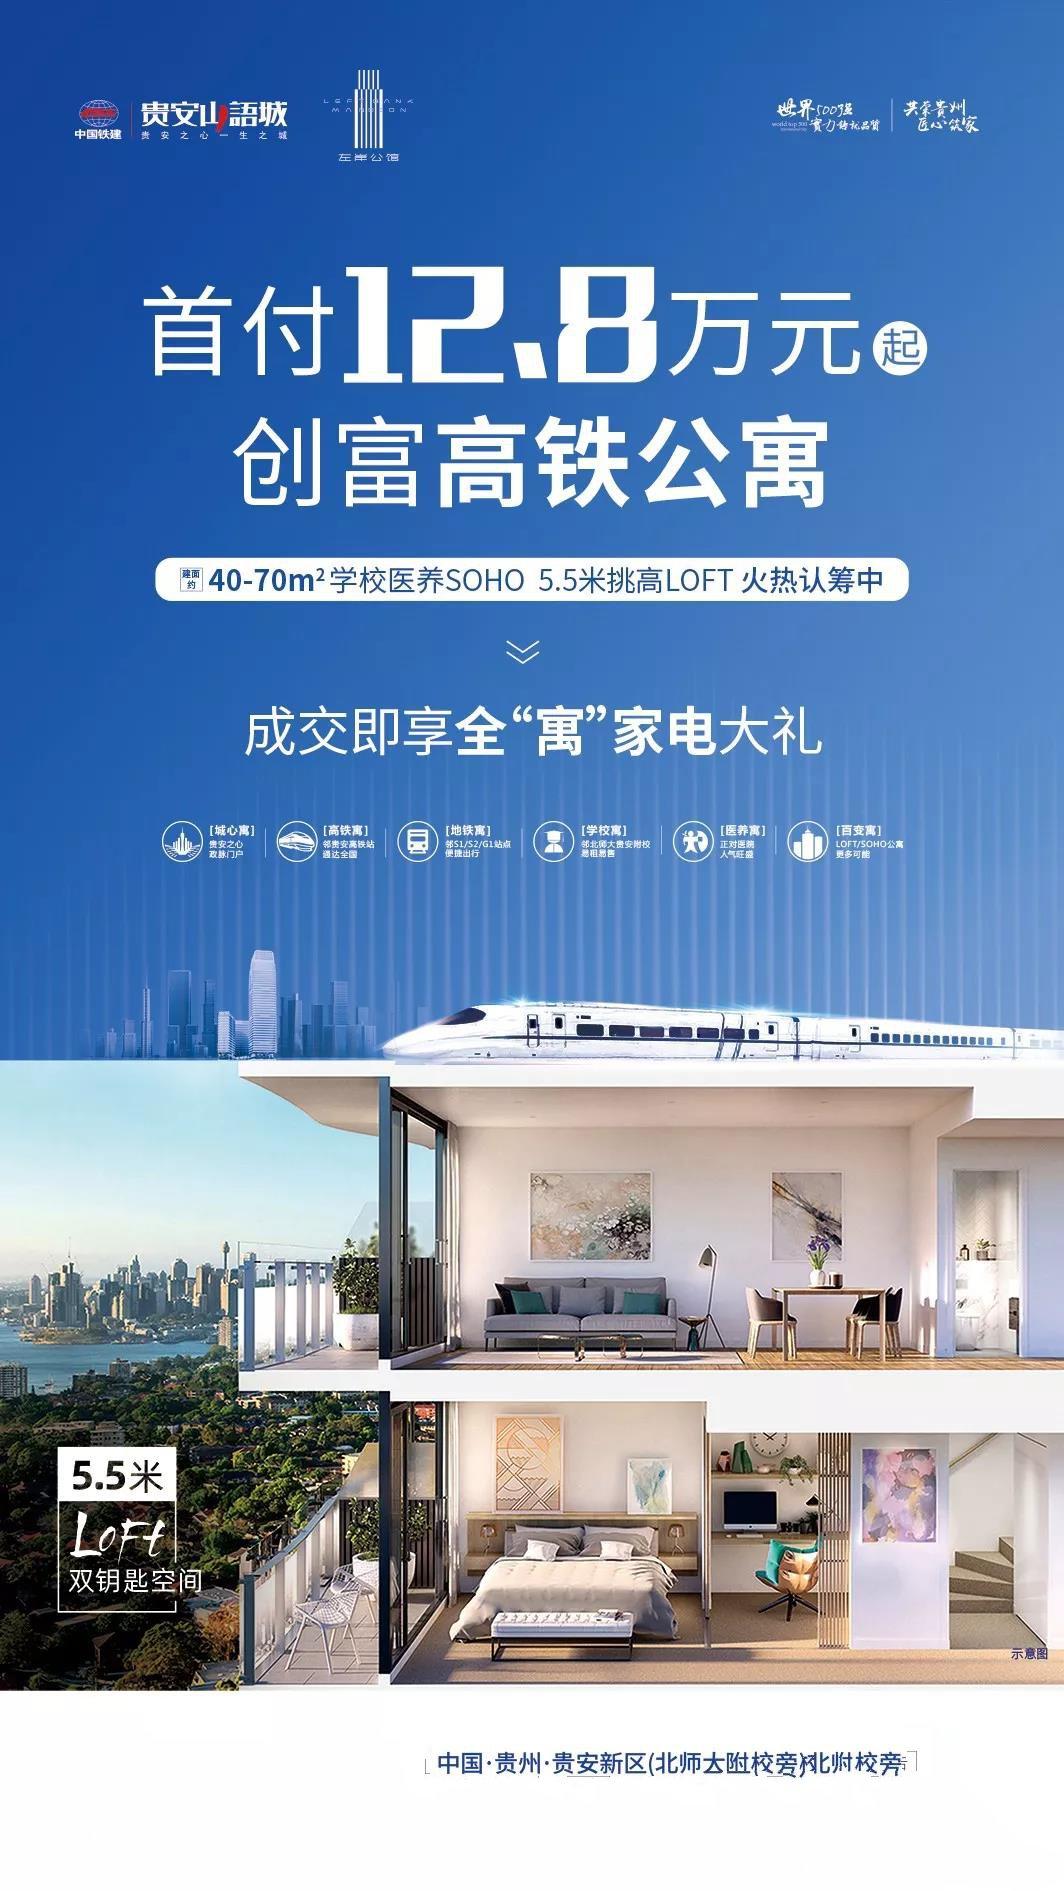 中铁建地产贵州  悦见生活  避暑之都 千园之城 23℃的盛夏刚刚好 -中国网地产